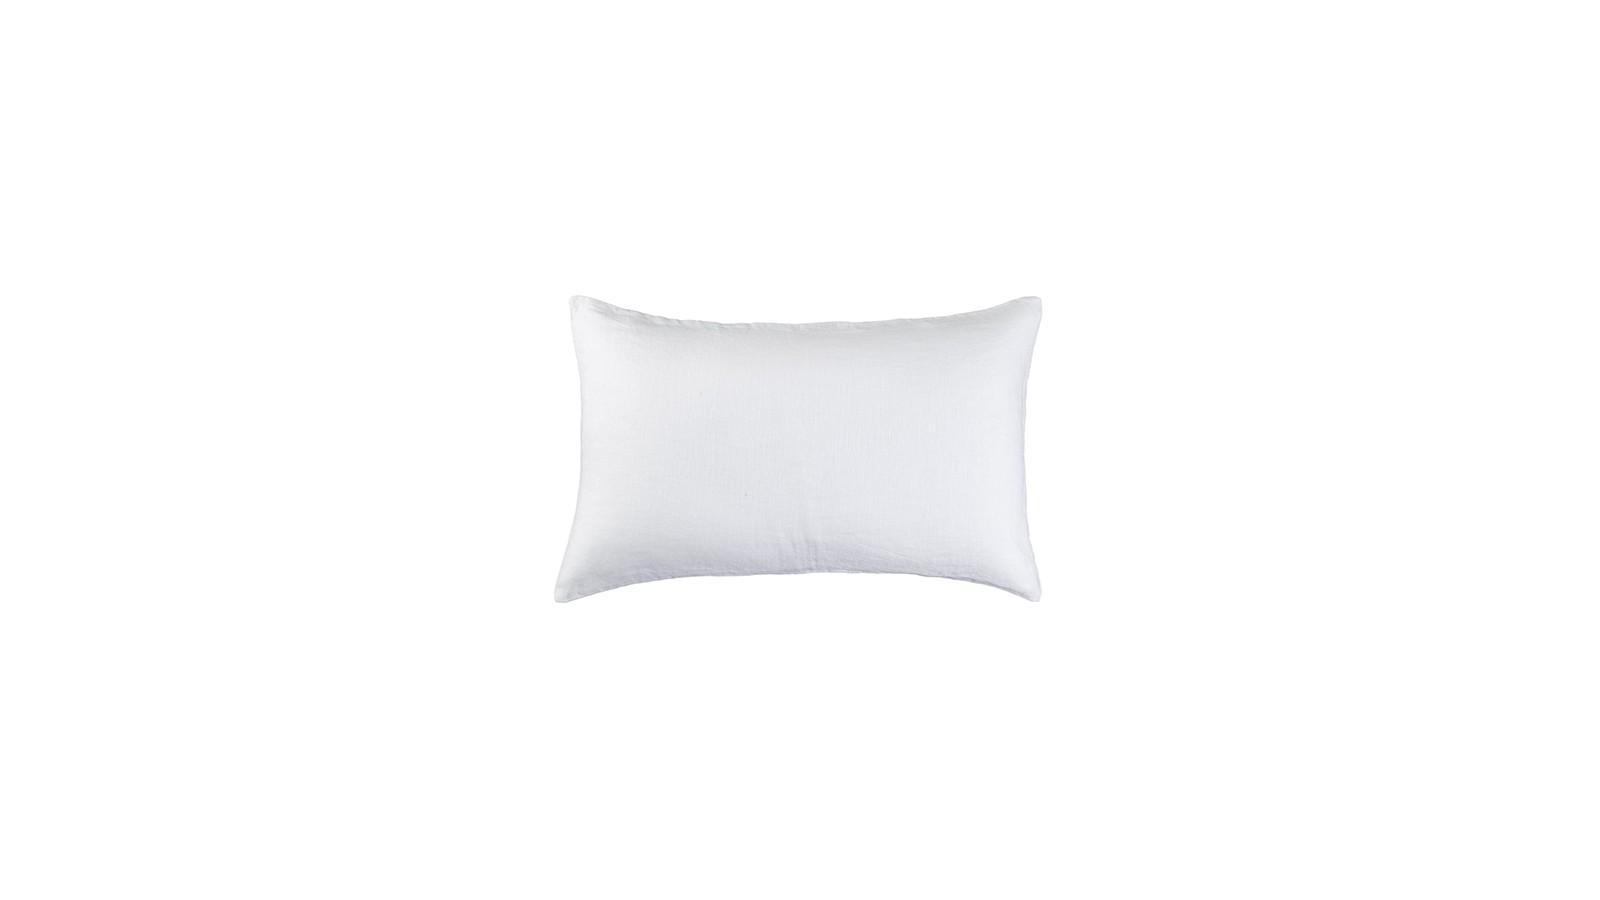 Housse de coussin rectangulaire 30 x 40 cm en lin lavé uni Blanc Optique